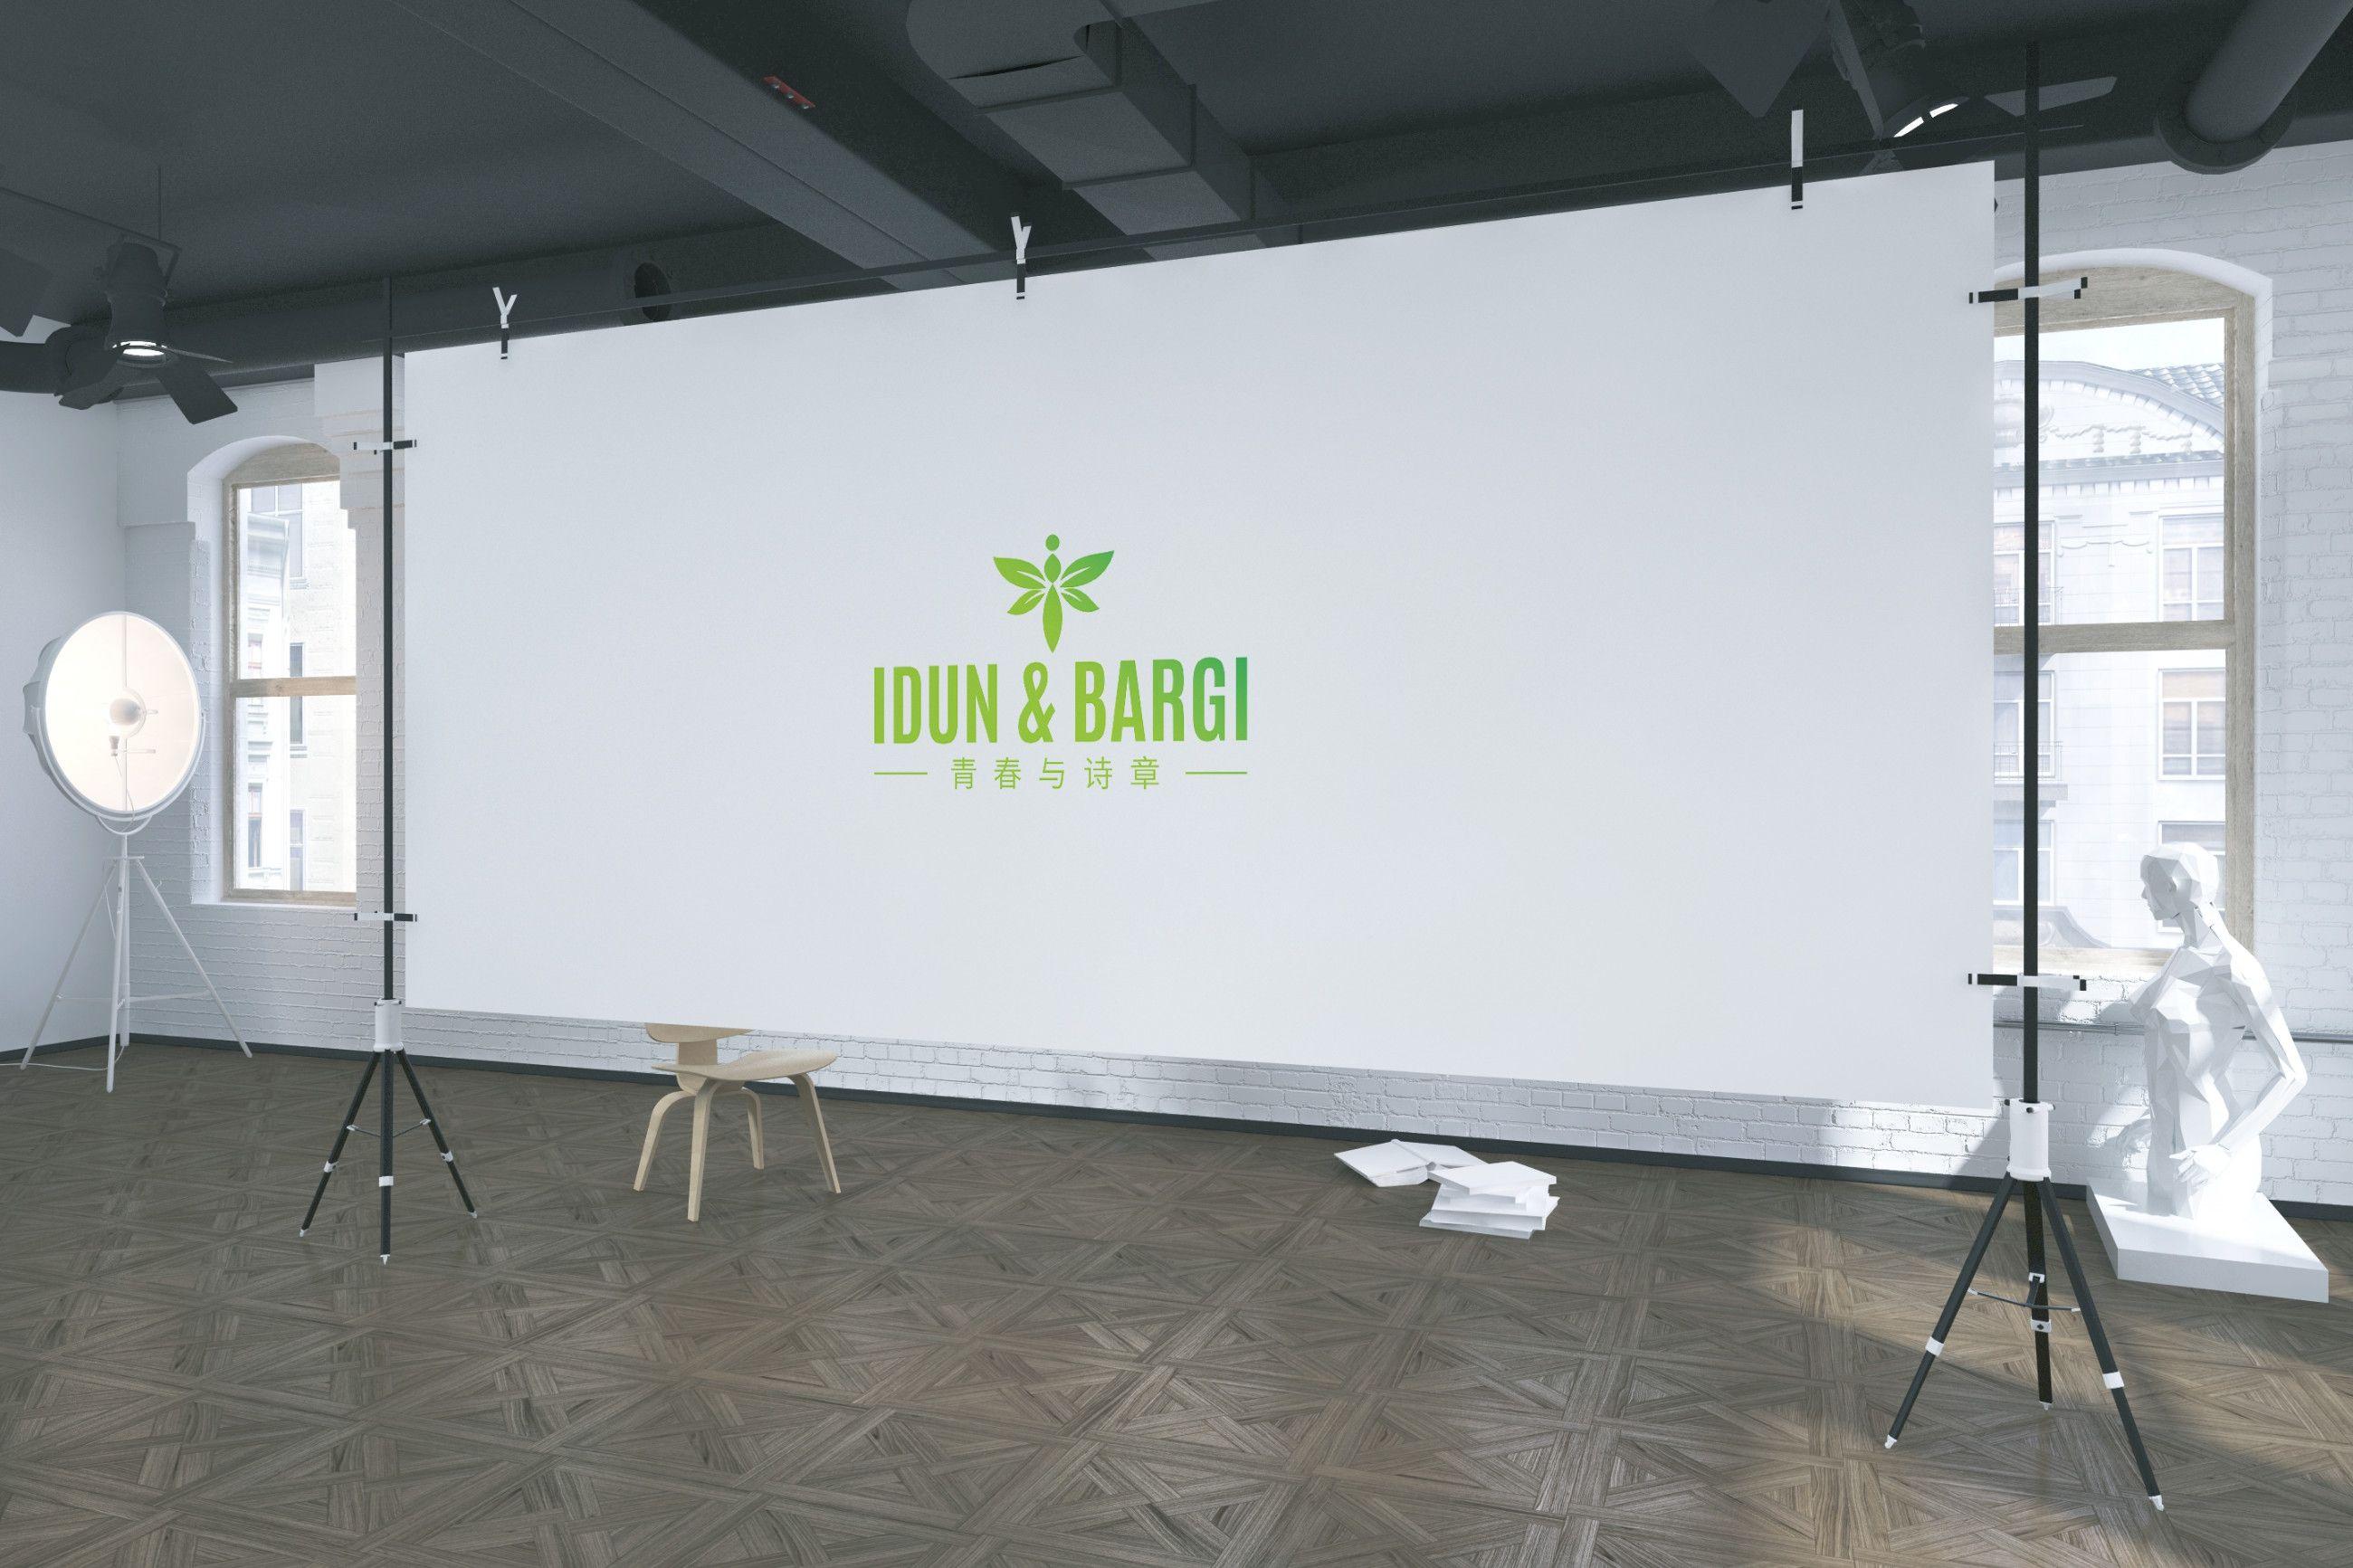 美容院LOGO设计提案 飞特网 原创LOGO设计